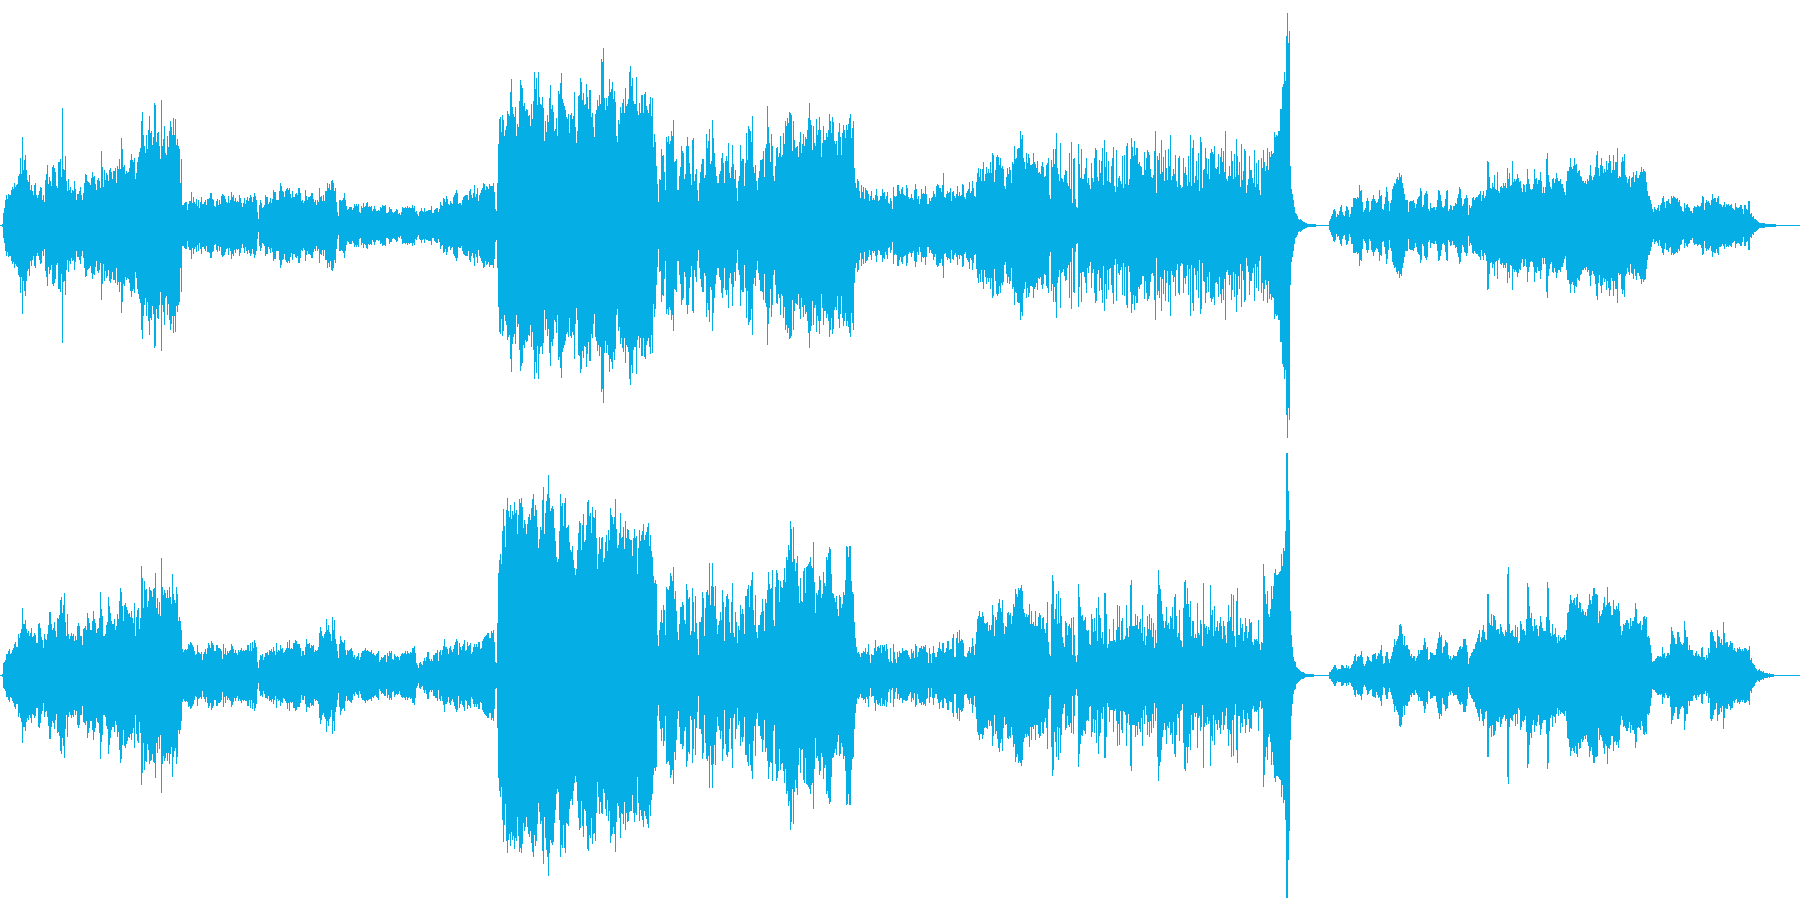 神秘感たっぷりの管弦楽とコーラス系の再生済みの波形